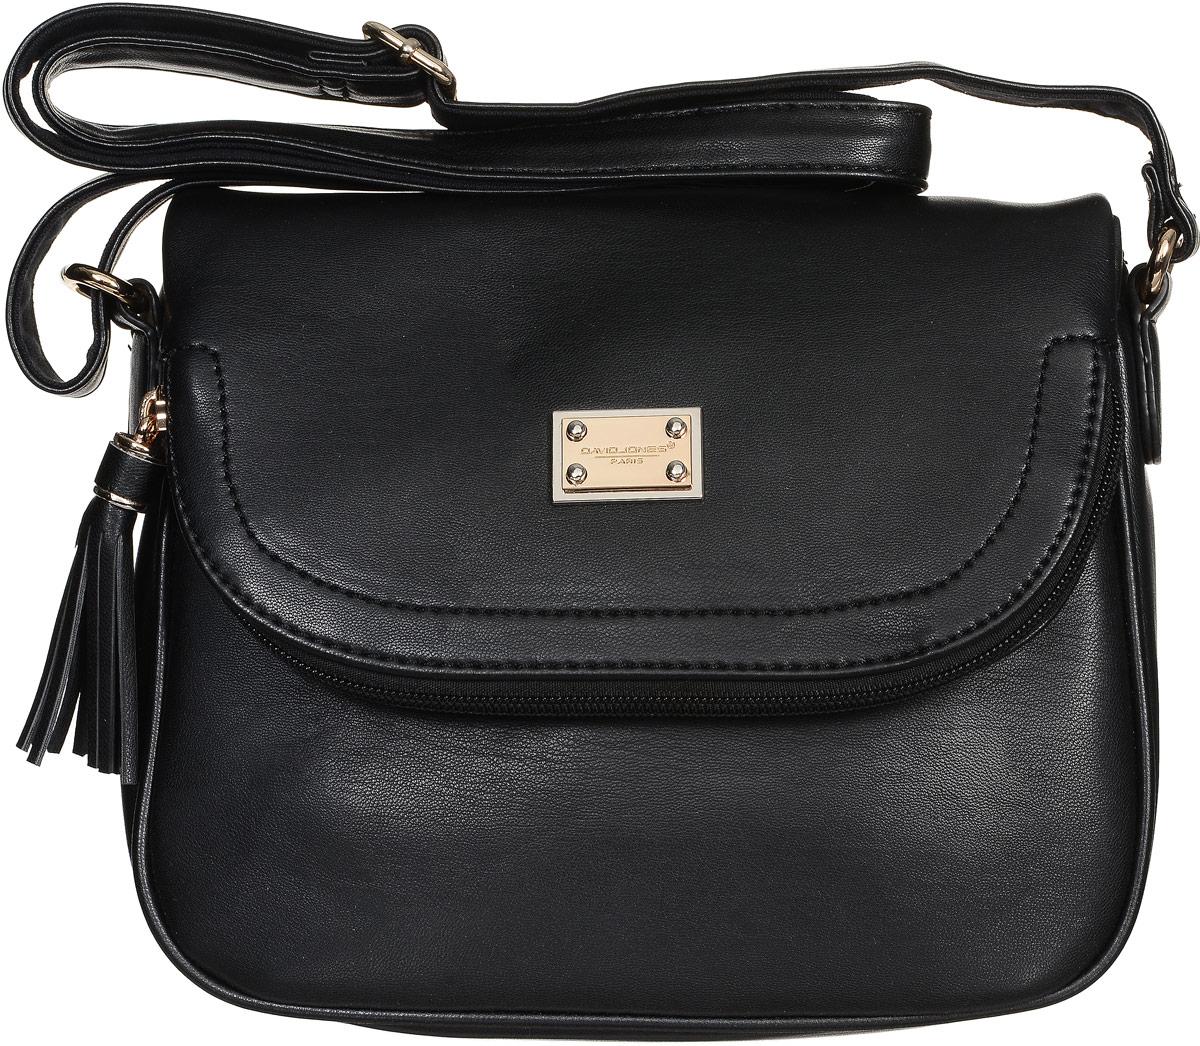 Сумка женская David Jones, цвет: черный. СМ3261СМ3261 BLACKСтильная женская сумка David Jones изготовлена из искусственной кожи и текстиля. Изделие имеет одно основное отделение, внутри которого расположены накладной открытый карман и прорезной карман на застежке-молнии. Застегивается сумка на застежку-молнию и дополнительно на клапан с магнитной кнопкой. Клапан оснащен карманом на застежке-молнии. На задней стенке предусмотрен прорезной карман на застежке-молнии. Сумка оснащена регулируемым плечевым ремнем. Модная сумка внесет элегантные нотки в ваш образ и подчеркнет ваше отменное чувство стиля.